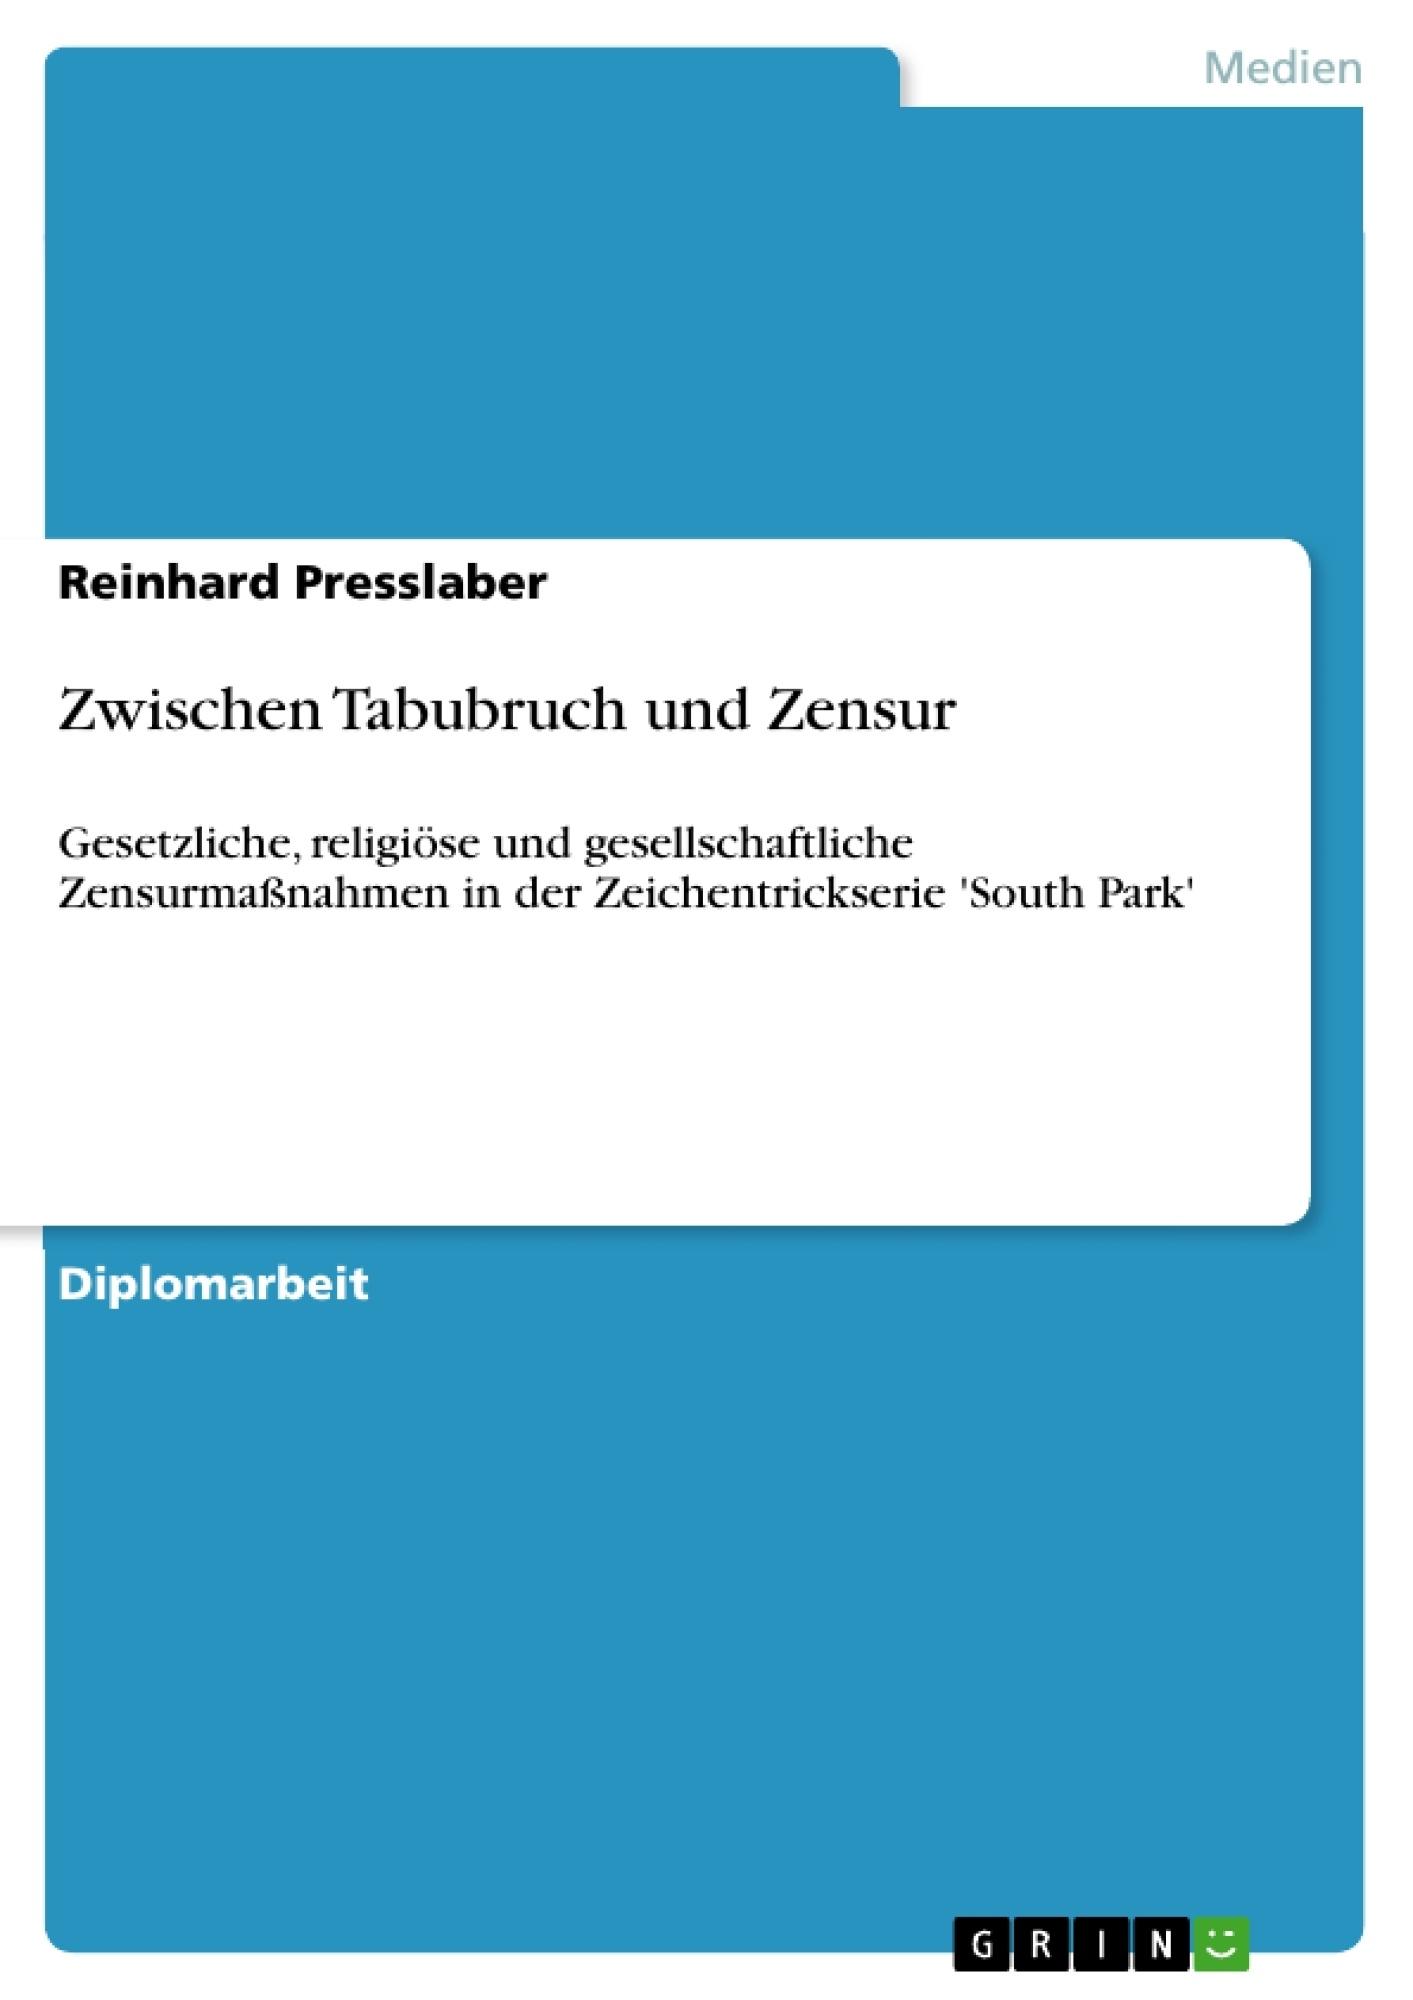 Titel: Zwischen Tabubruch und Zensur